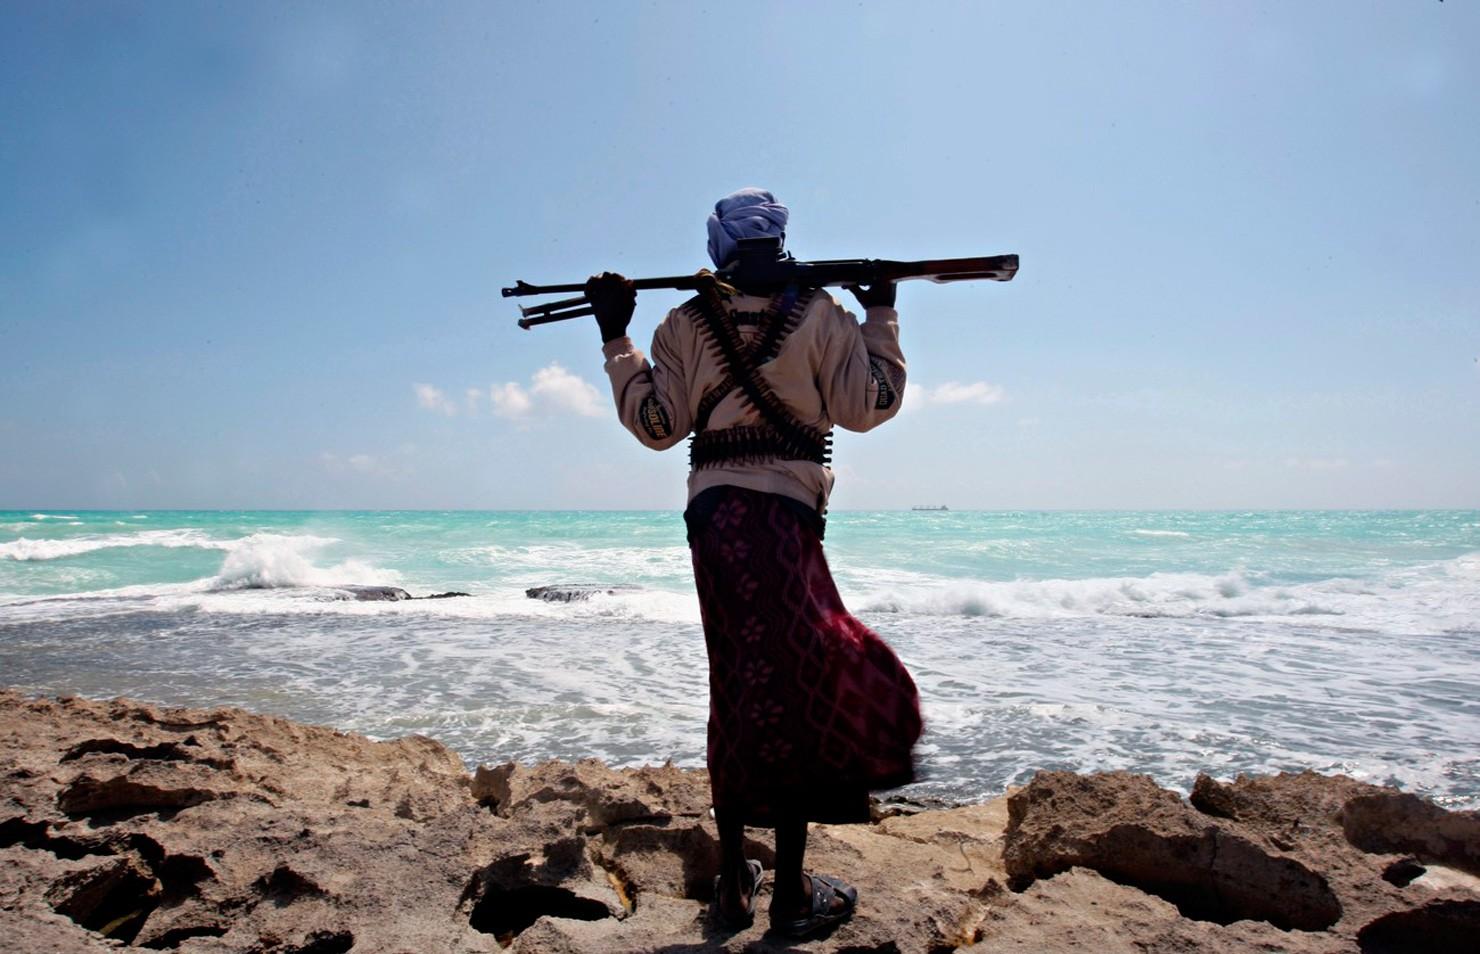 определенного сомалийский пират картинка можно